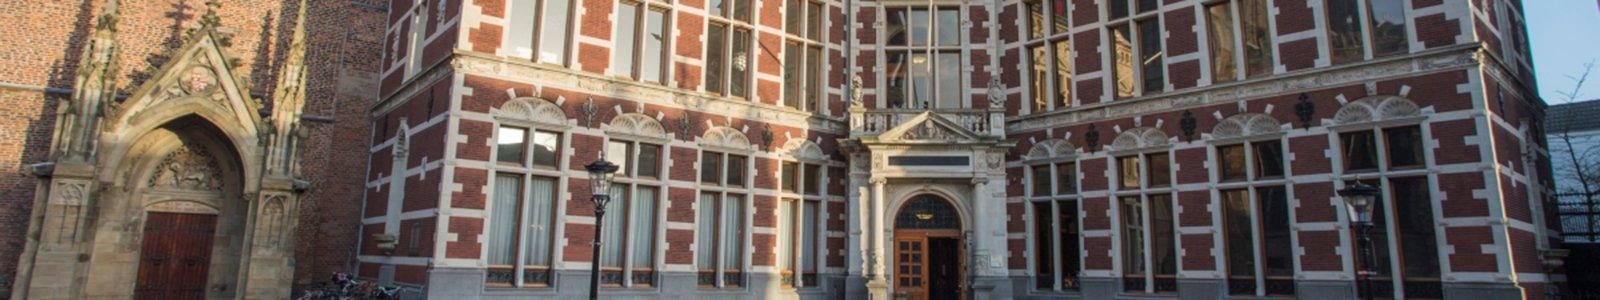 Header Academiegebouw Universiteit Utrecht